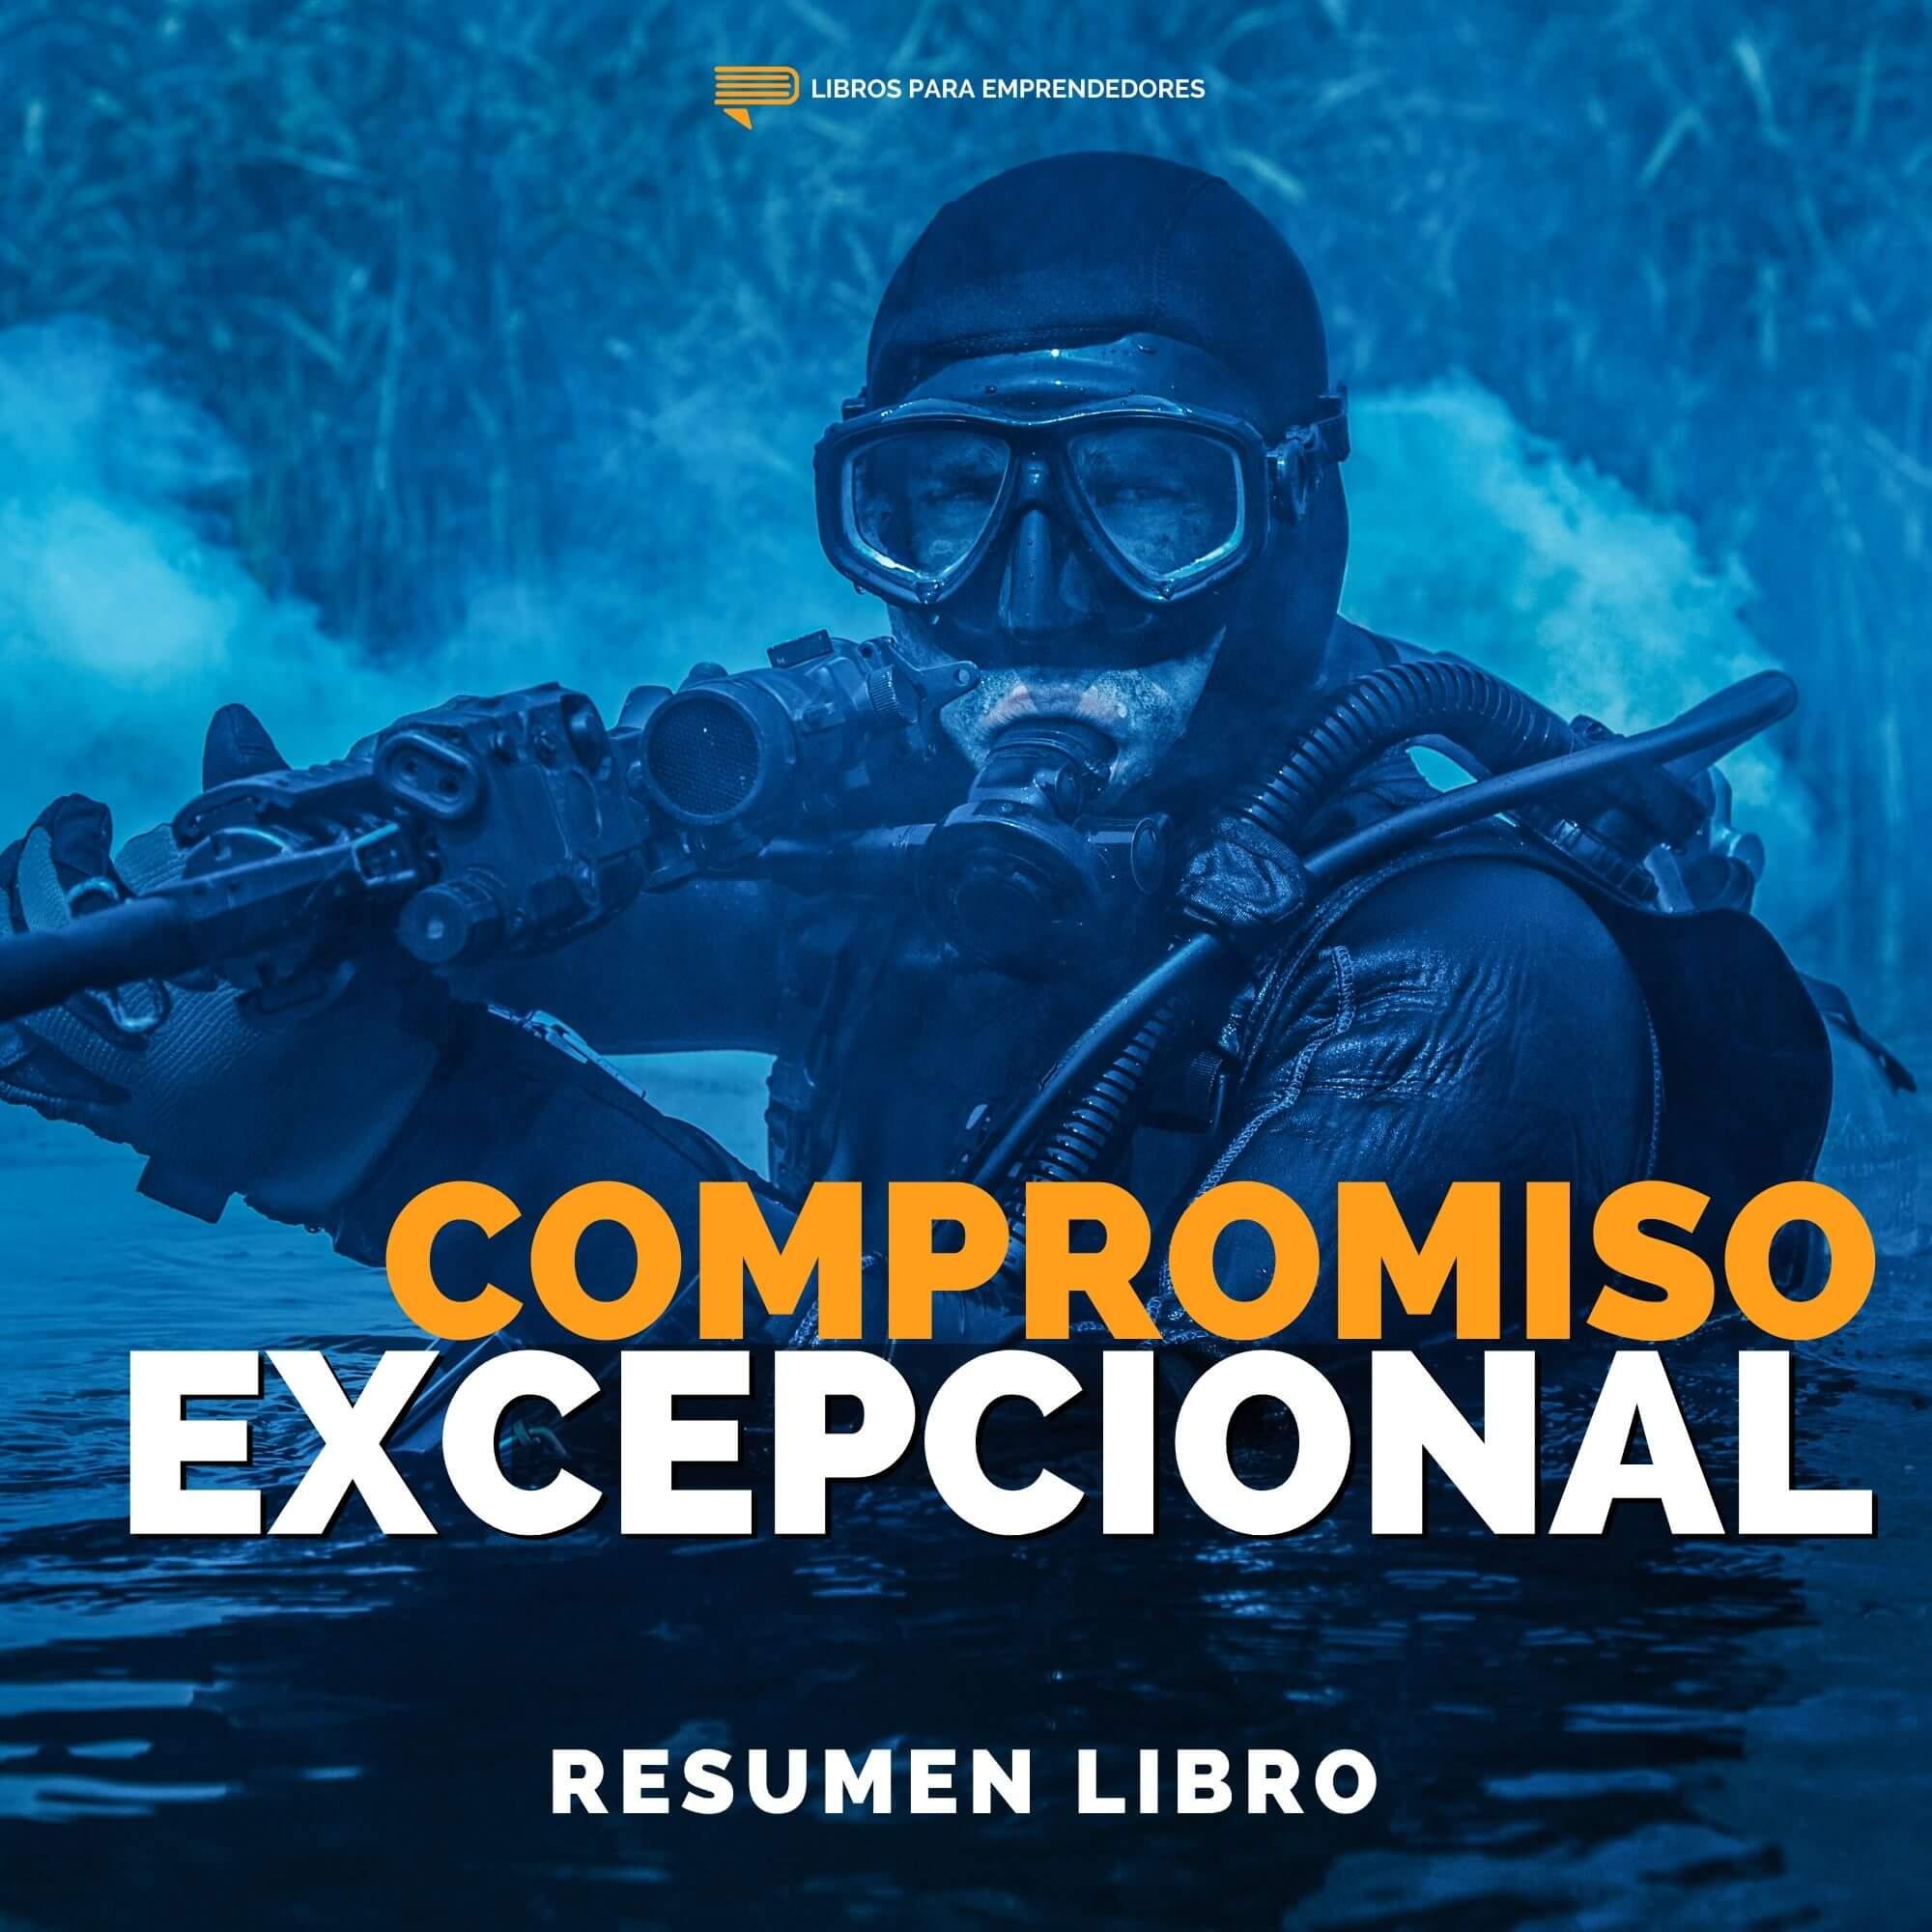 Compromiso Excepcional - #136 - Un Resumen de Libros para Emprendedores